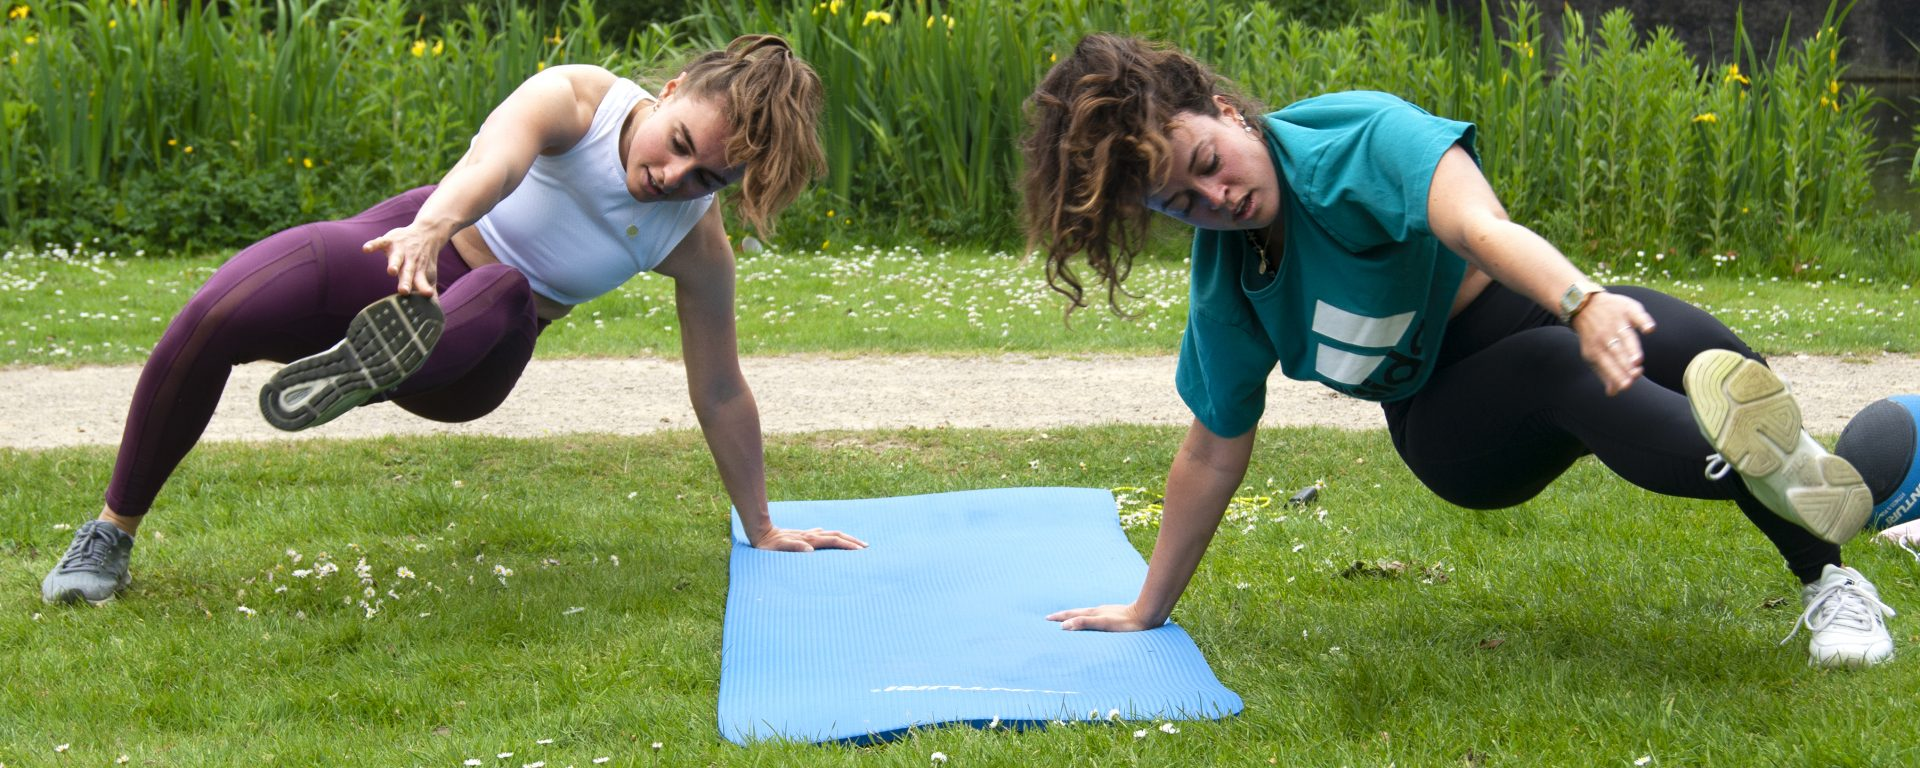 Two girls training in Vondelpark